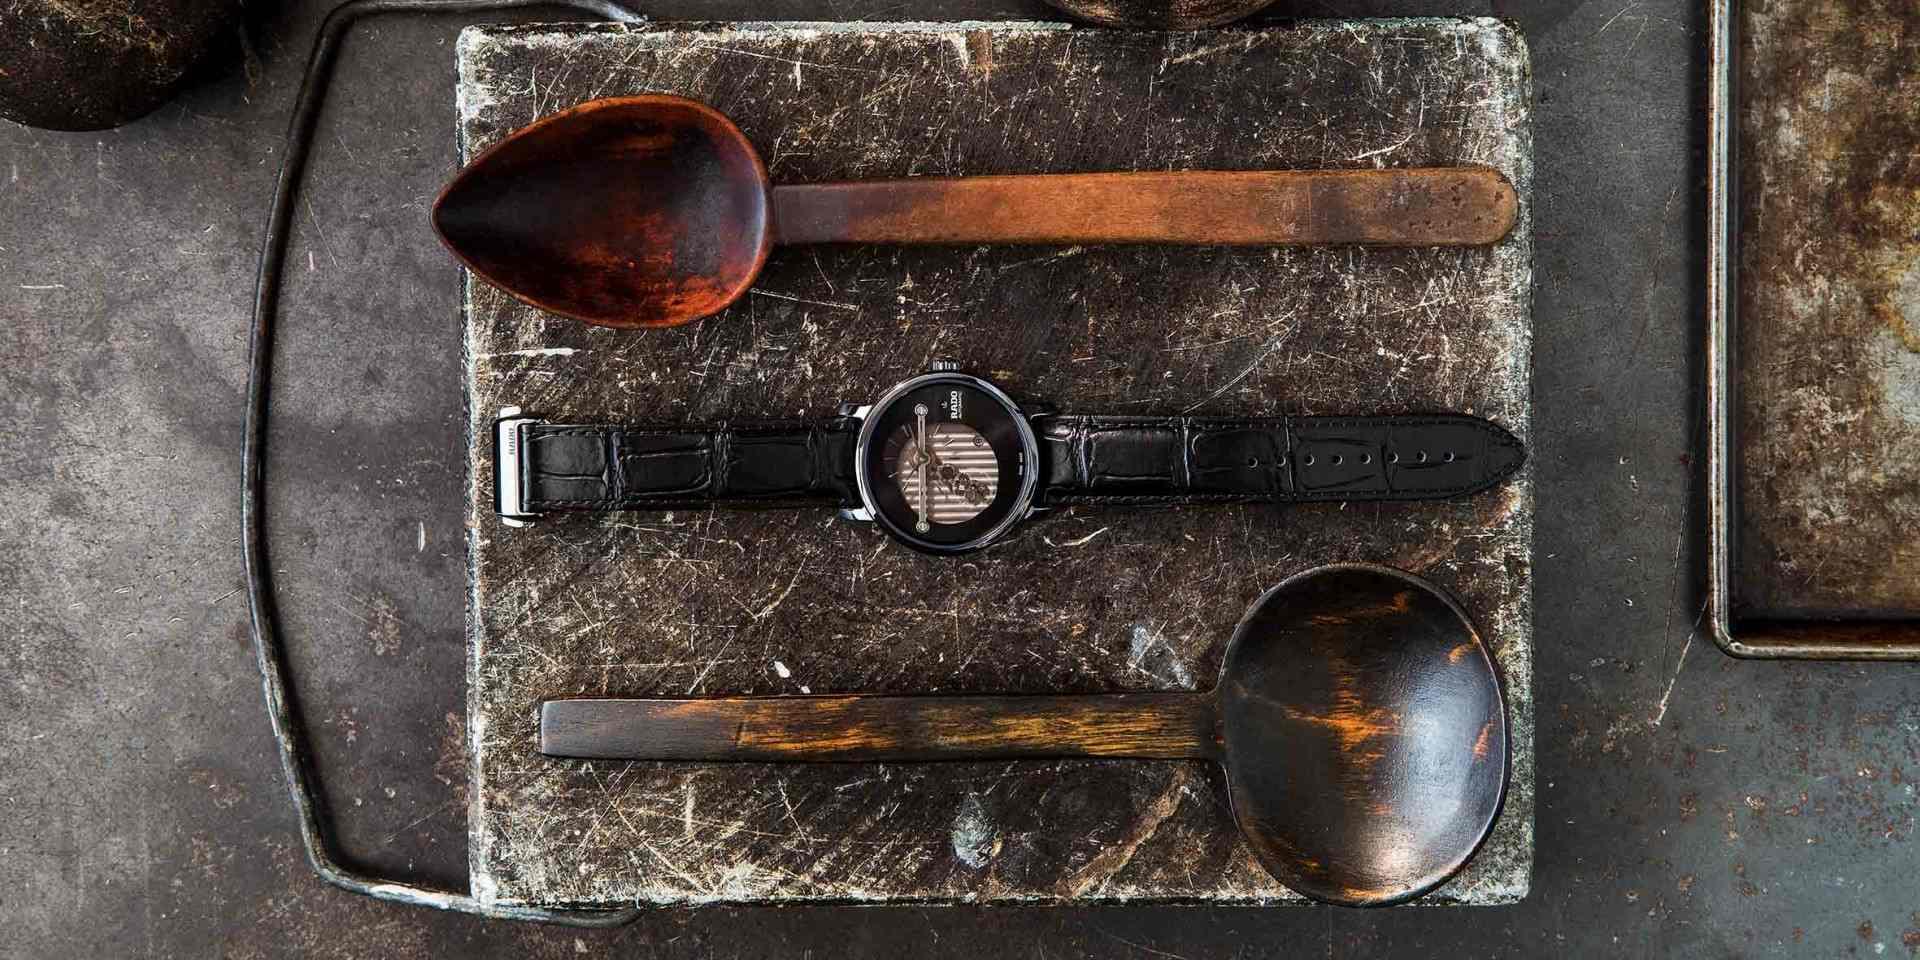 透視的偏心宣言:雷達表DiaMaster鑽霸系列偏心顯示腕錶